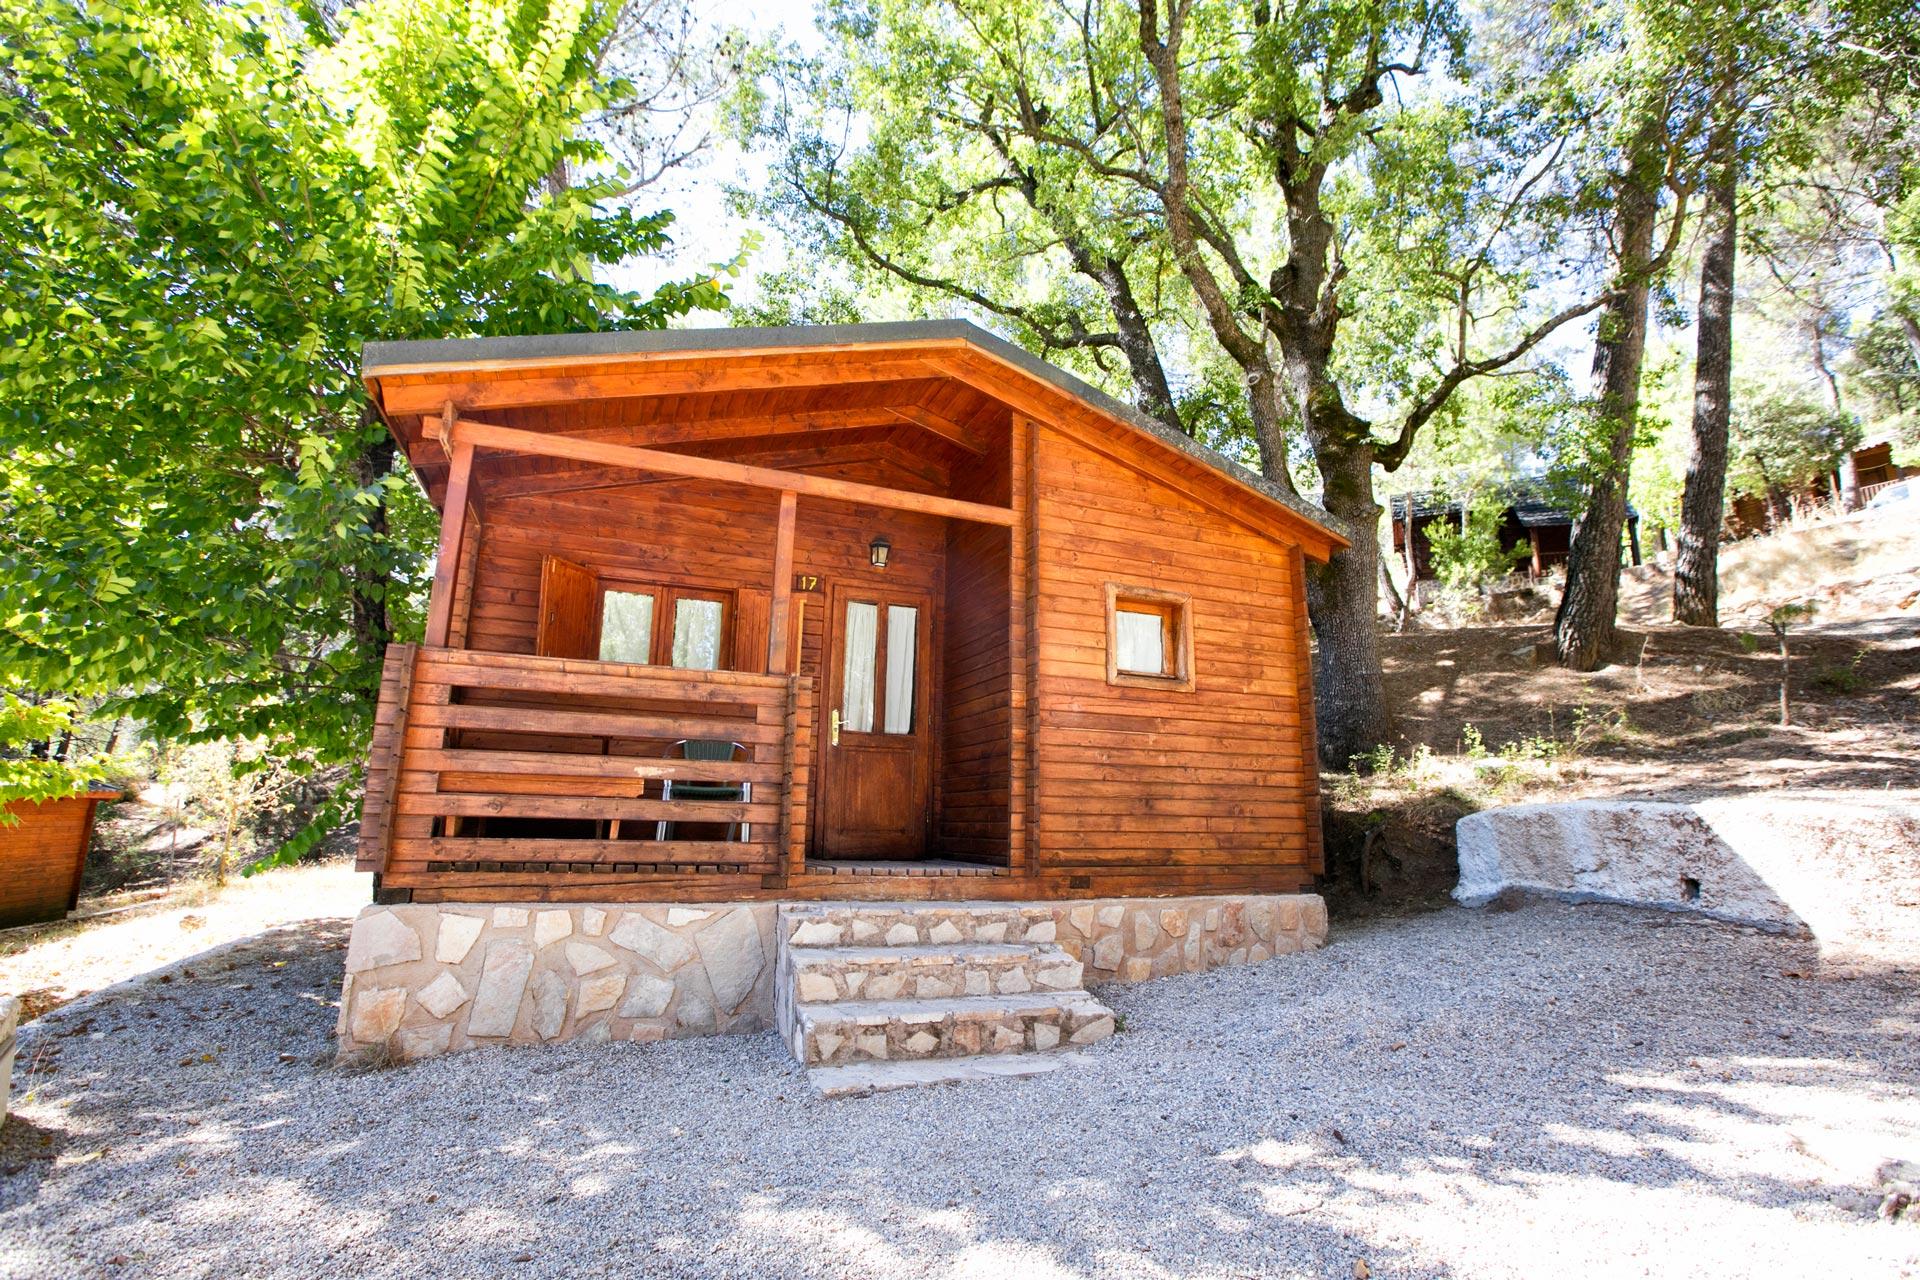 Caba as en cazorla hotel apartamentos y caba as de madera en cazorla complejo turistico los - Cabanas de madera los pinos ...